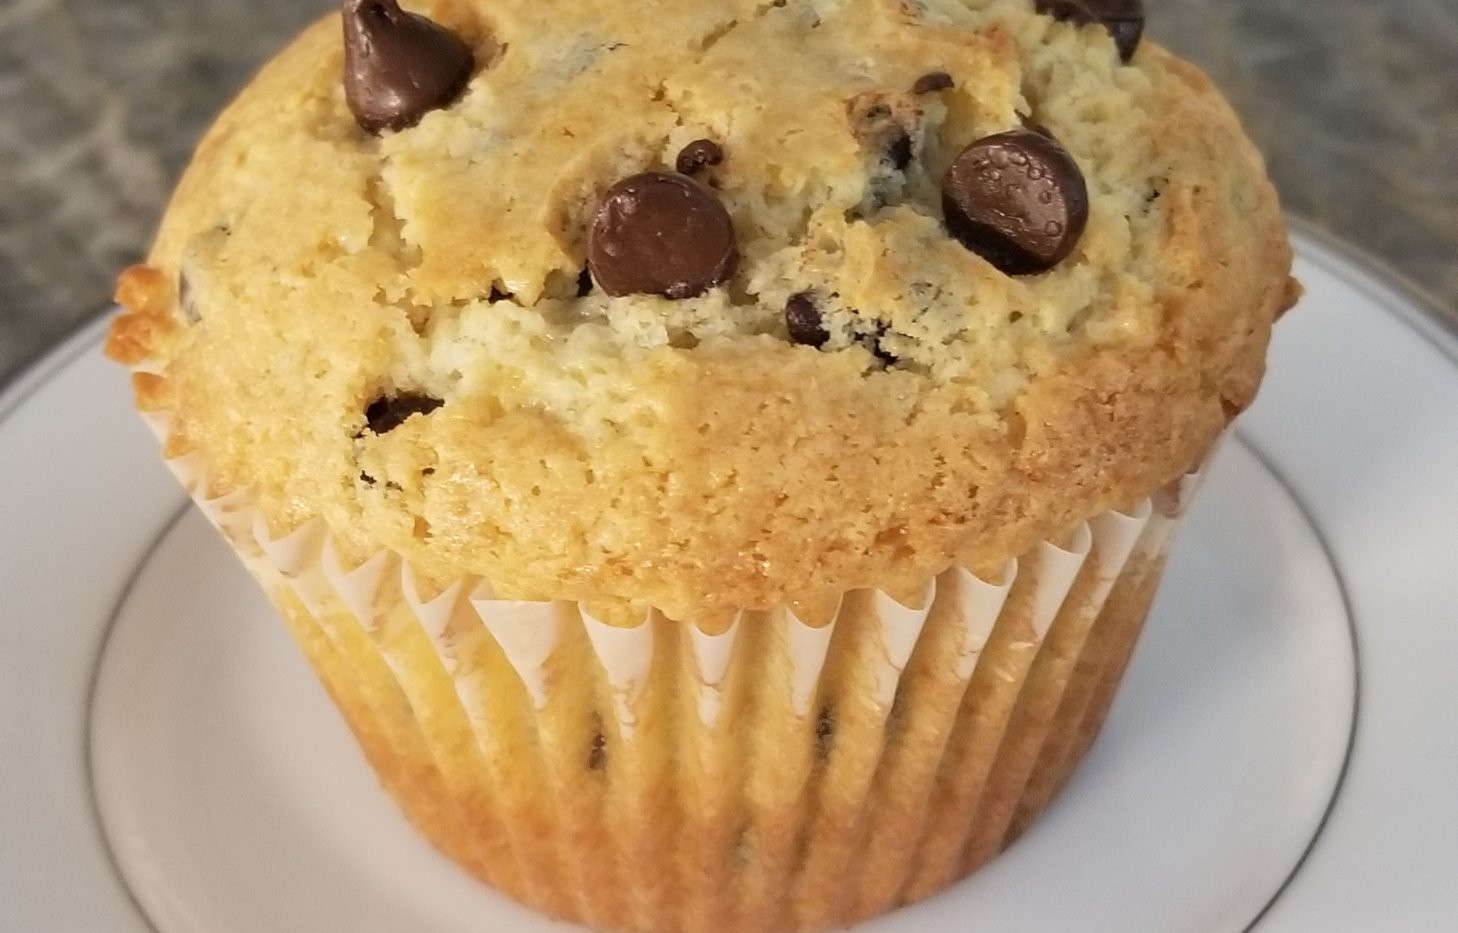 Chocolate Chip Muffin_edited.jpg